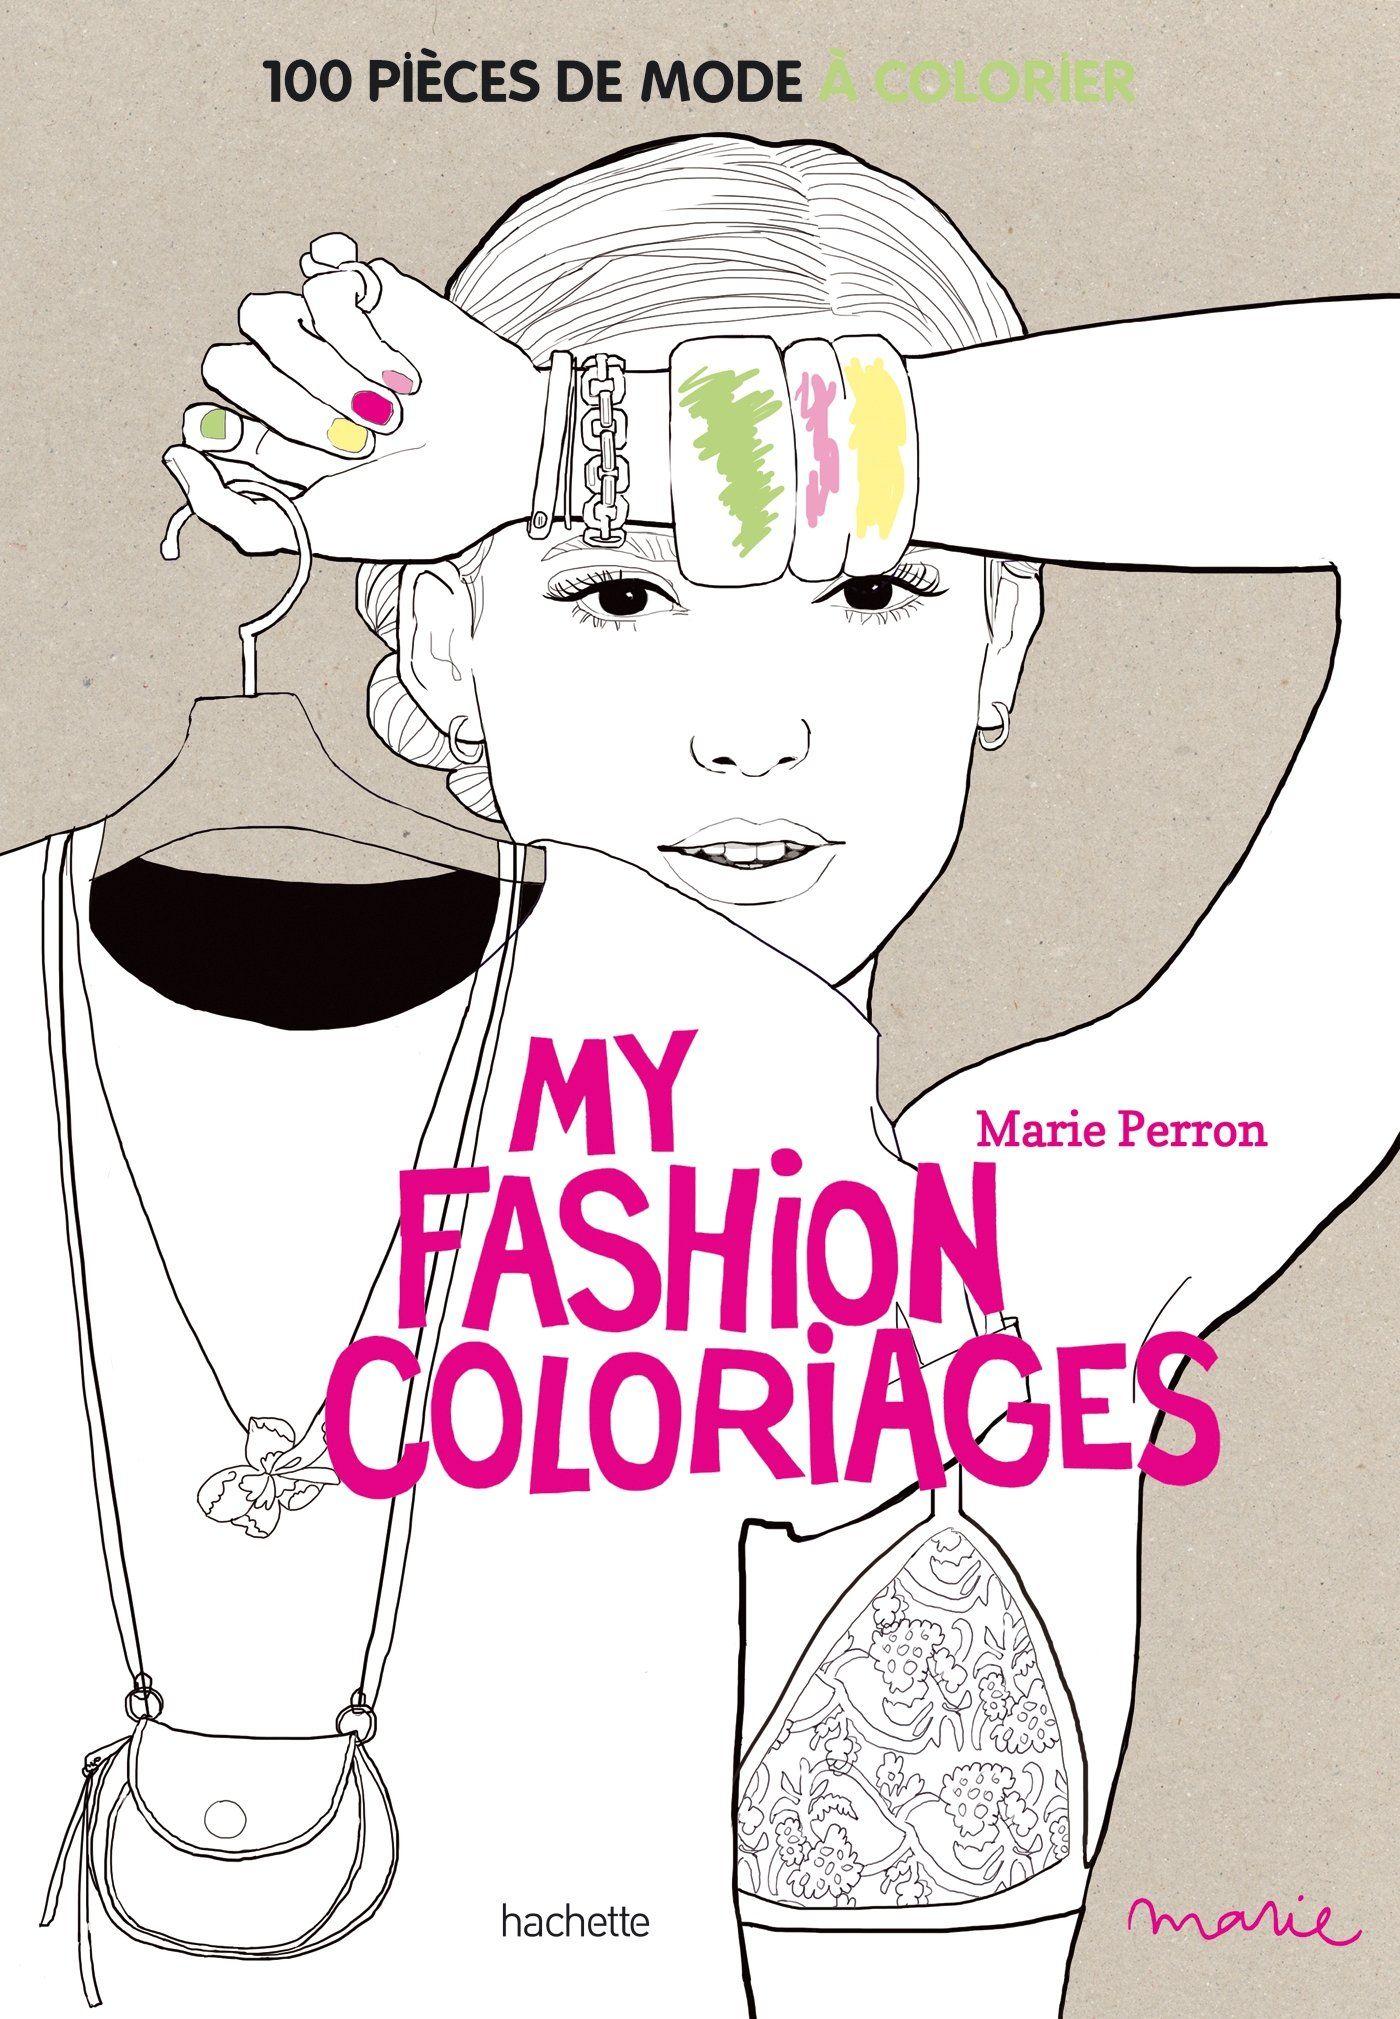 Coloriage Anti Stress Mode.My Fashion Colorages 100 Pieces De Mode A Colorier Marie Perron